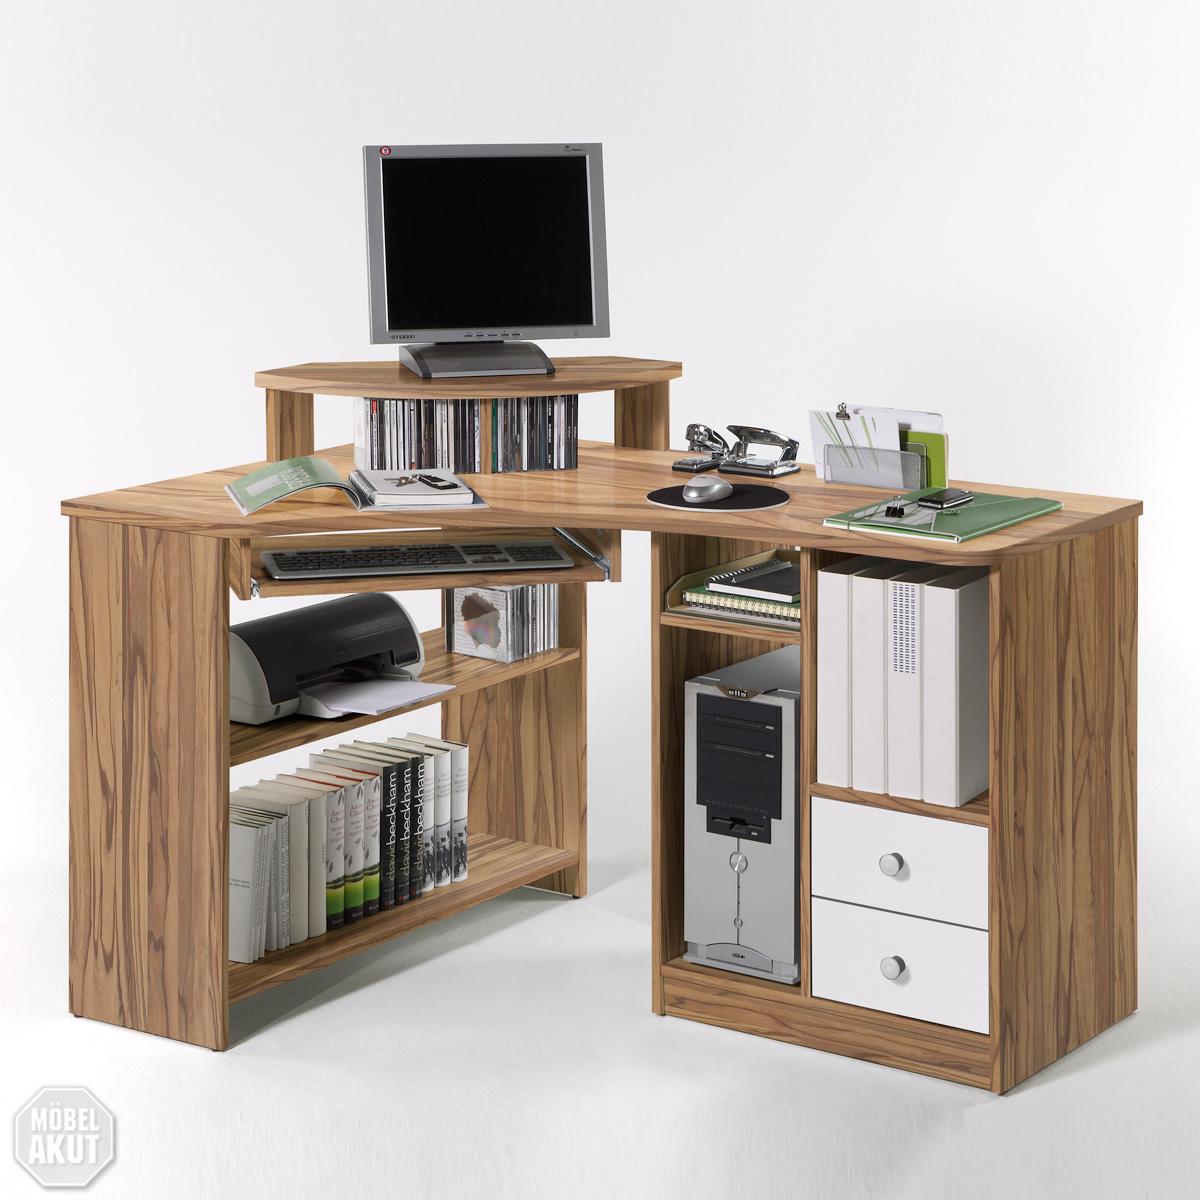 pc tisch lectra schreibtisch in baltimore wei neu ebay. Black Bedroom Furniture Sets. Home Design Ideas